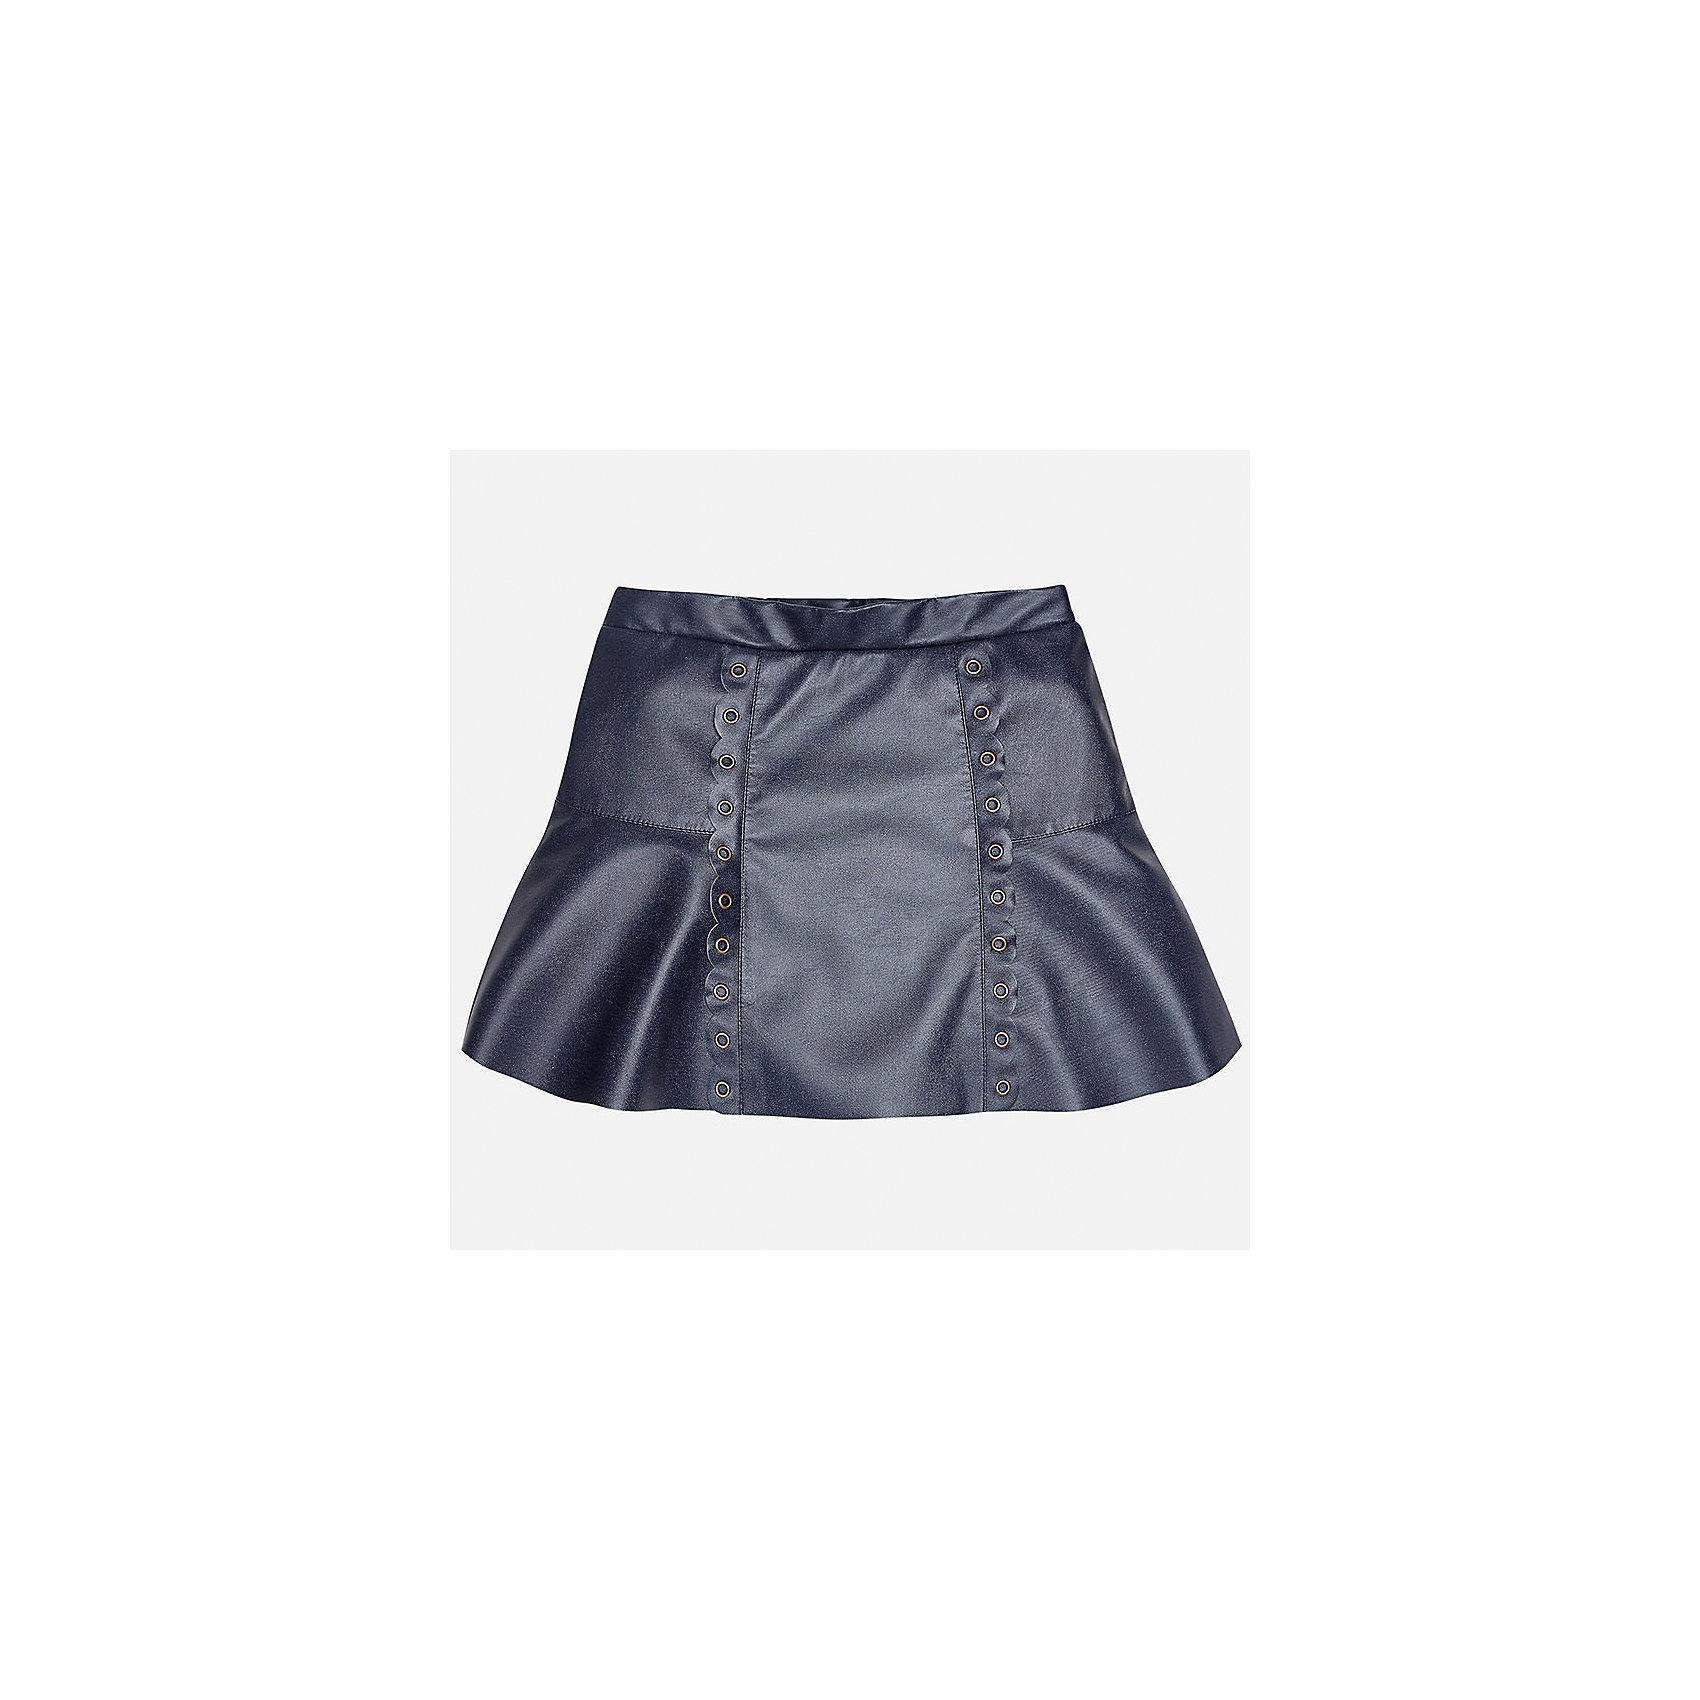 Юбка Mayoral для девочкиЮбки<br>Характеристики товара:<br><br>• цвет: синий<br>• состав ткани: 100% полиуретан, подкладка - 100% хлопок<br>• сезон: круглый год<br>• металлические клепки<br>• страна бренда: Испания<br>• страна изготовитель: Индия<br><br>Эта юбка отличается интересным фасоном и отделкой. Оригинальная юбка от бренда Майорал поможет девочке выглядеть женственно и стильно. <br><br>Для производства детской одежды популярный бренд Mayoral использует только качественную фурнитуру и материалы. Оригинальные и модные вещи от Майорал неизменно привлекают внимание и нравятся детям.<br><br>Юбку для девочки Mayoral (Майорал) можно купить в нашем интернет-магазине.<br><br>Ширина мм: 207<br>Глубина мм: 10<br>Высота мм: 189<br>Вес г: 183<br>Цвет: синий<br>Возраст от месяцев: 168<br>Возраст до месяцев: 180<br>Пол: Женский<br>Возраст: Детский<br>Размер: 170,128/134,140,152,158,164<br>SKU: 6922424